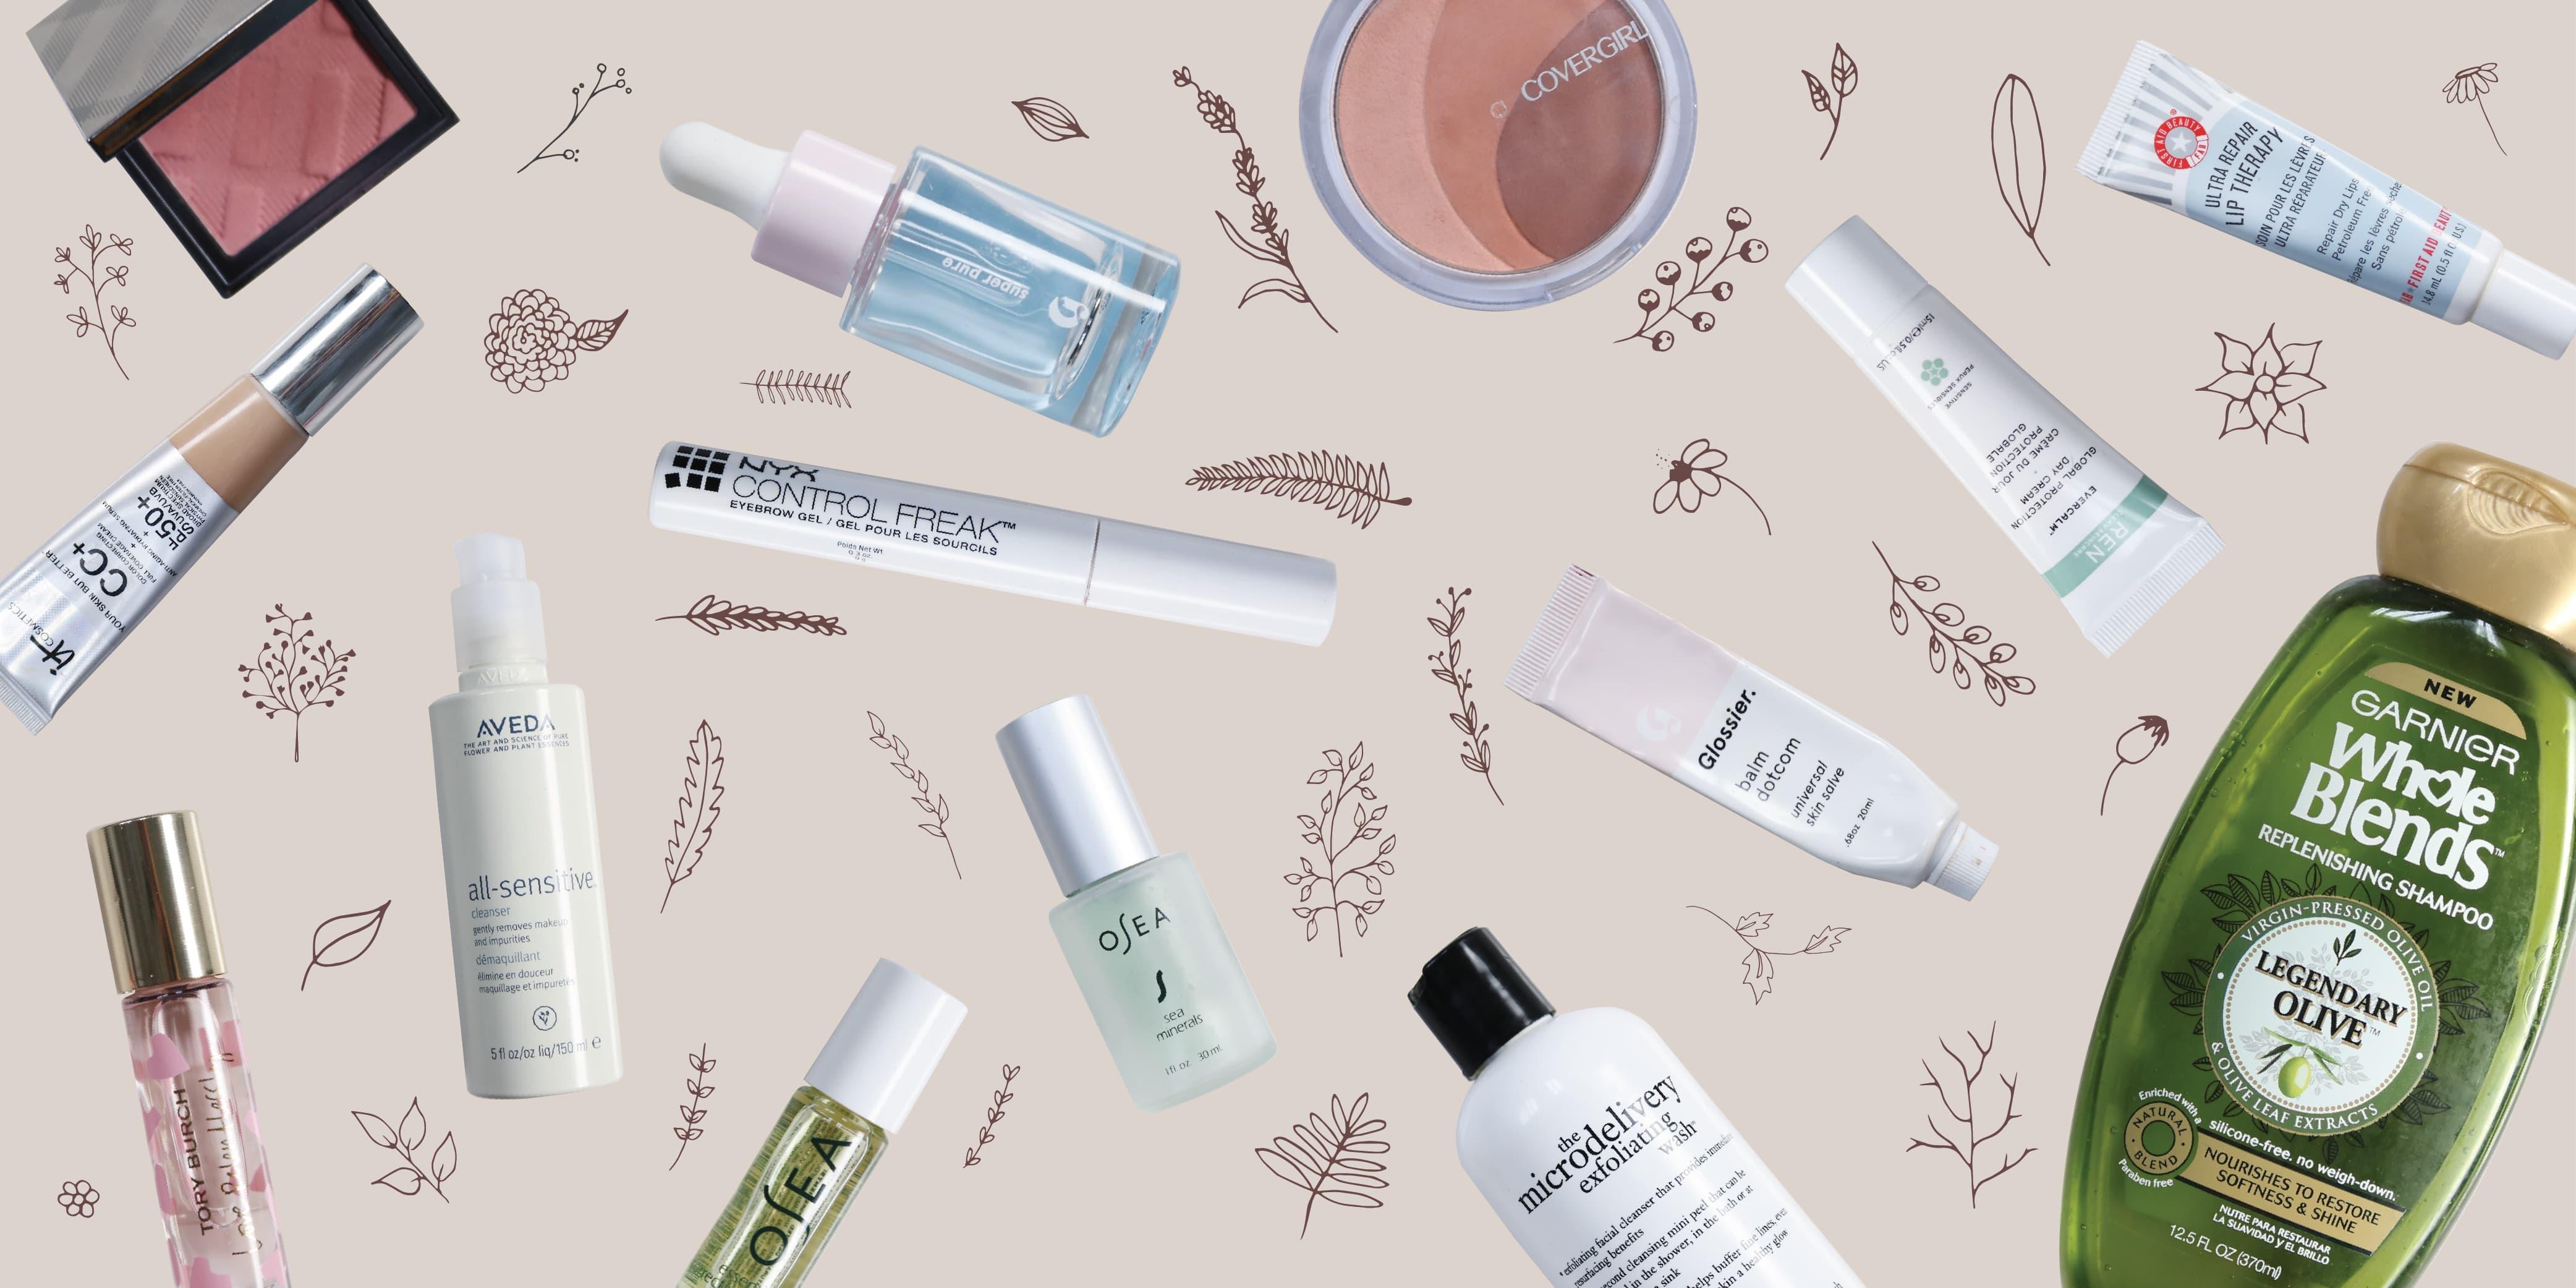 34 Productos en un Día: Confesiones de una 'Beauty Junkie'